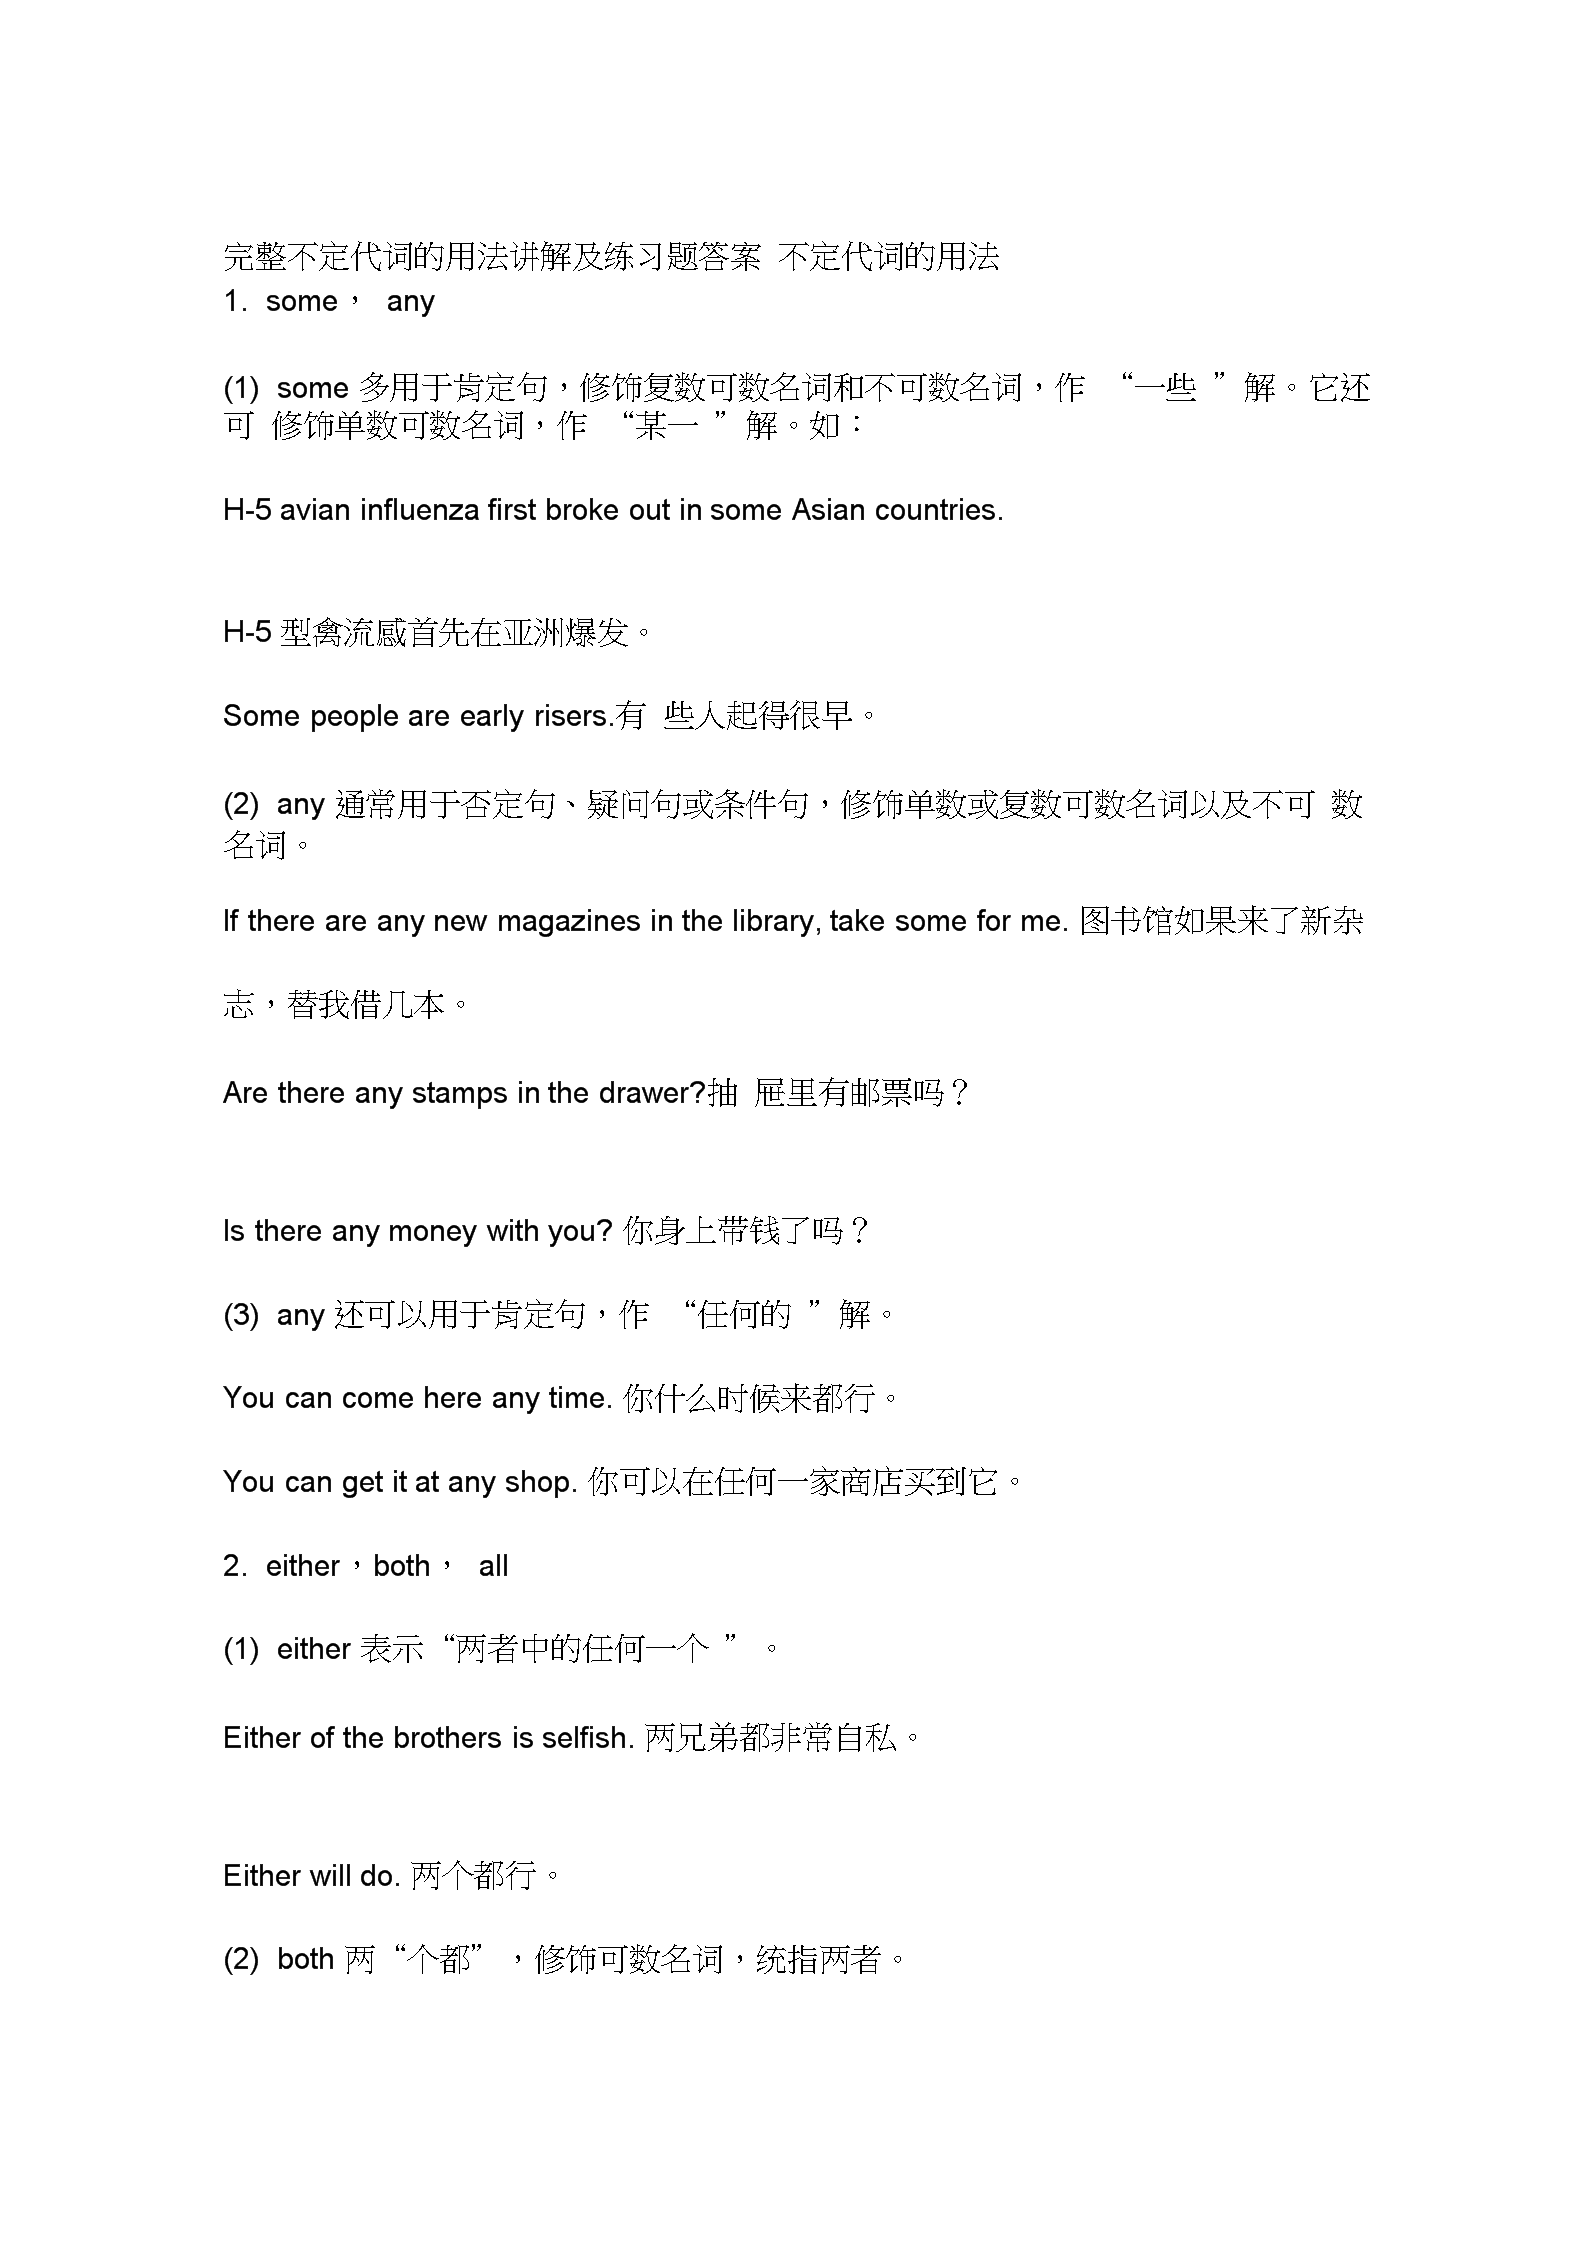 (完整版)完整不定代词的用法讲解及练习题答案.docx